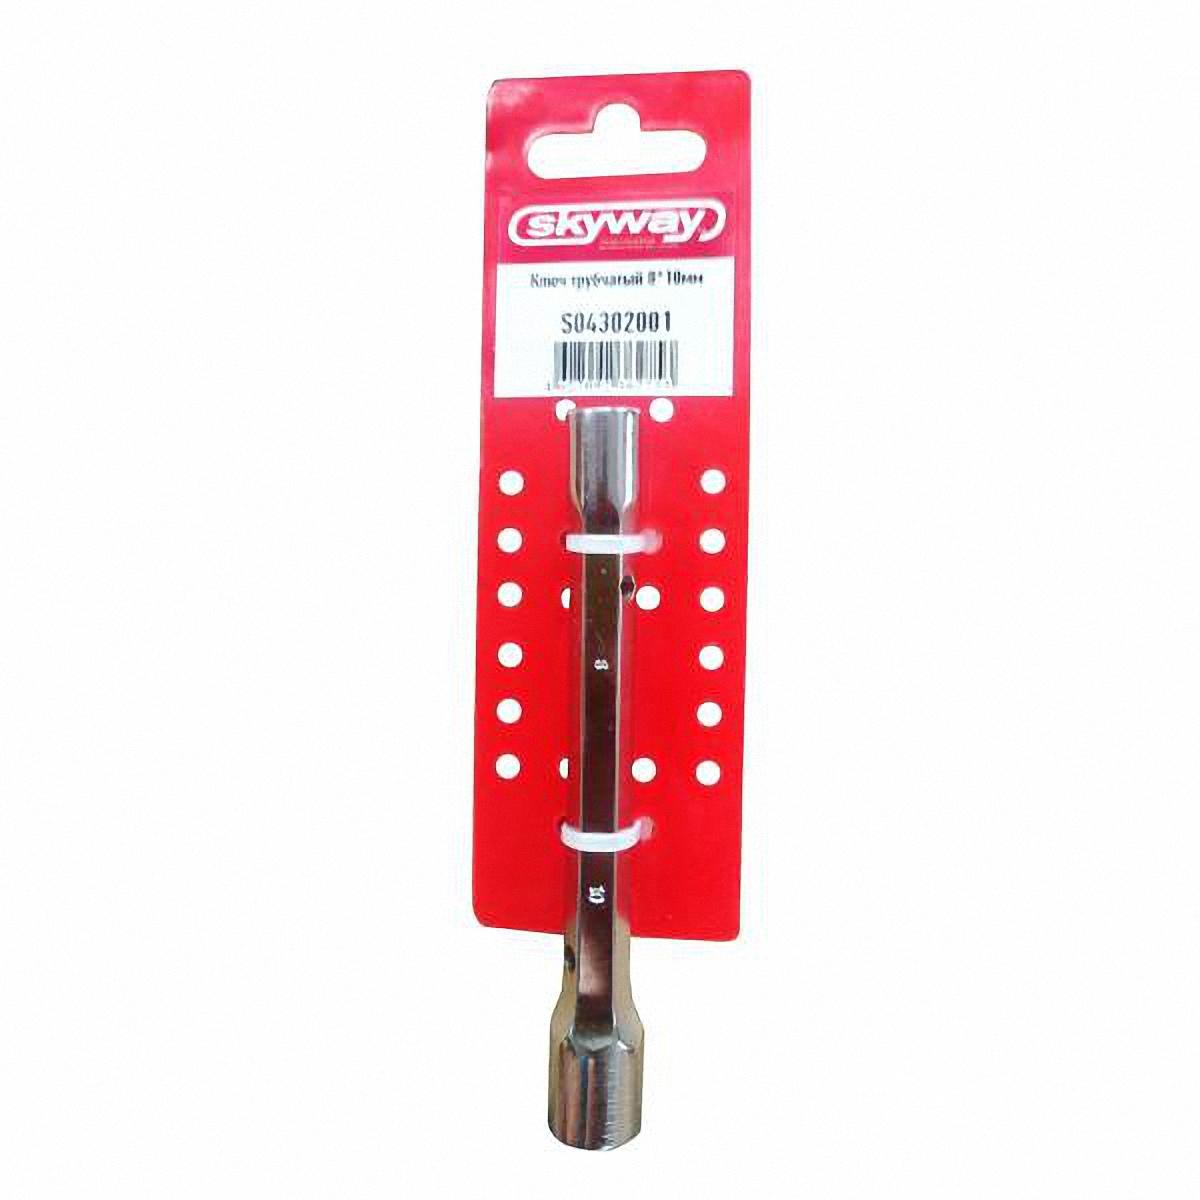 Ключ торцевой Skyway, кованый, 8 х 10 ммS04302001Ключ торцевой кованый используется для монтажа и демонтажа резьбовых соединений с шестигранным профилем. Особенности: Хромированная поверхность, препятствующая появлению ржавчины. Наличие шестигранного основания для использования рожкового ключа. Наличие отверстий для воротков. Диаметр шестигранных головок: 8 мм, 10 мм. Длина: 117 мм.